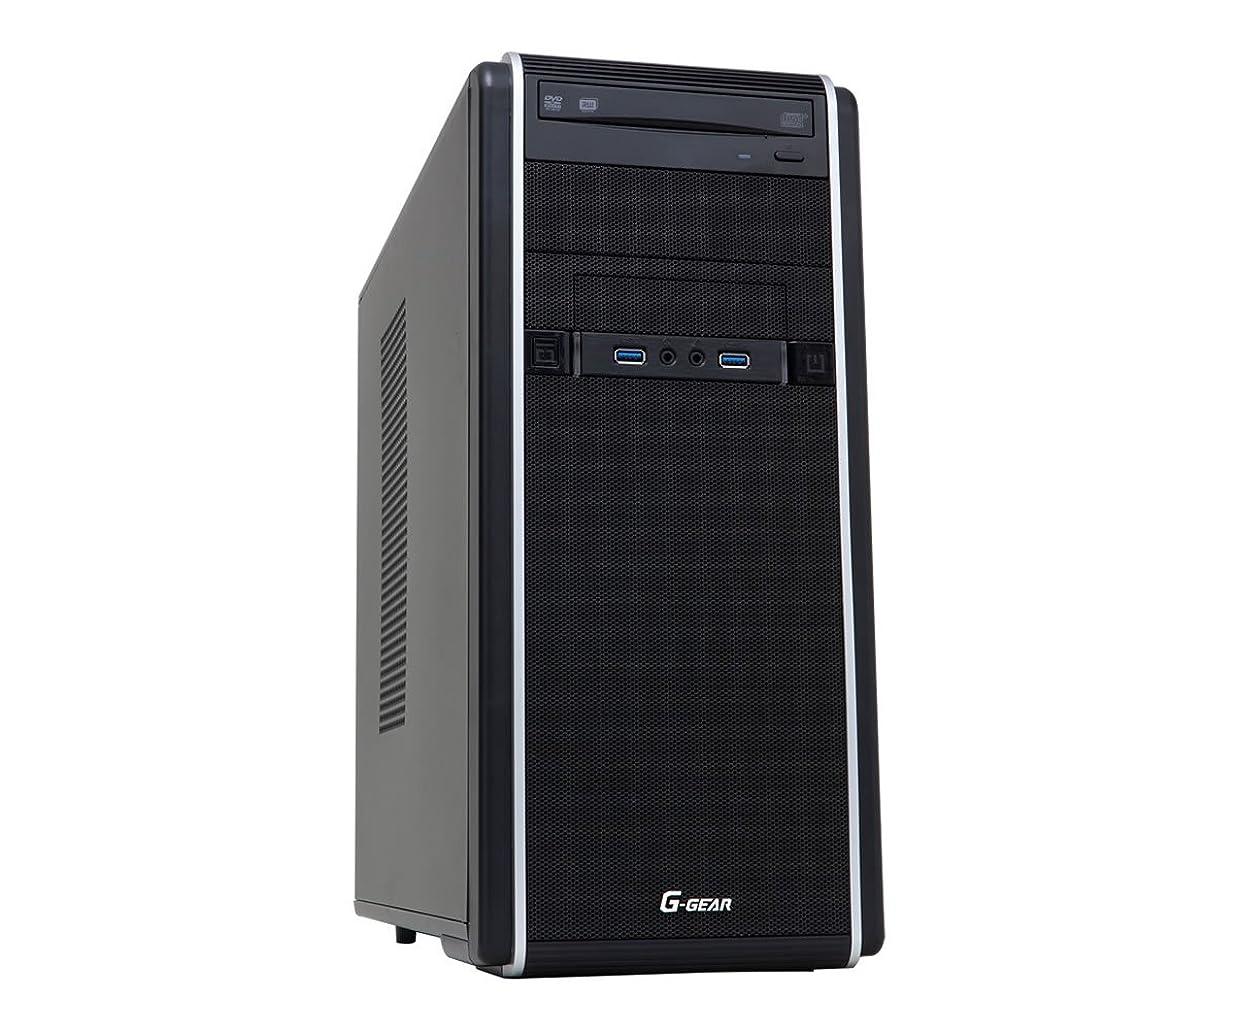 医療過誤カビピース【Intel Kaby Lake-3865U】【メモリ4GB】【SSD 128GB】【USBの次世代規格 USB3.1 Type-cポート】【Win 10 Home 64bit 搭載】Skynew ミニパソコン 小型pc M5S